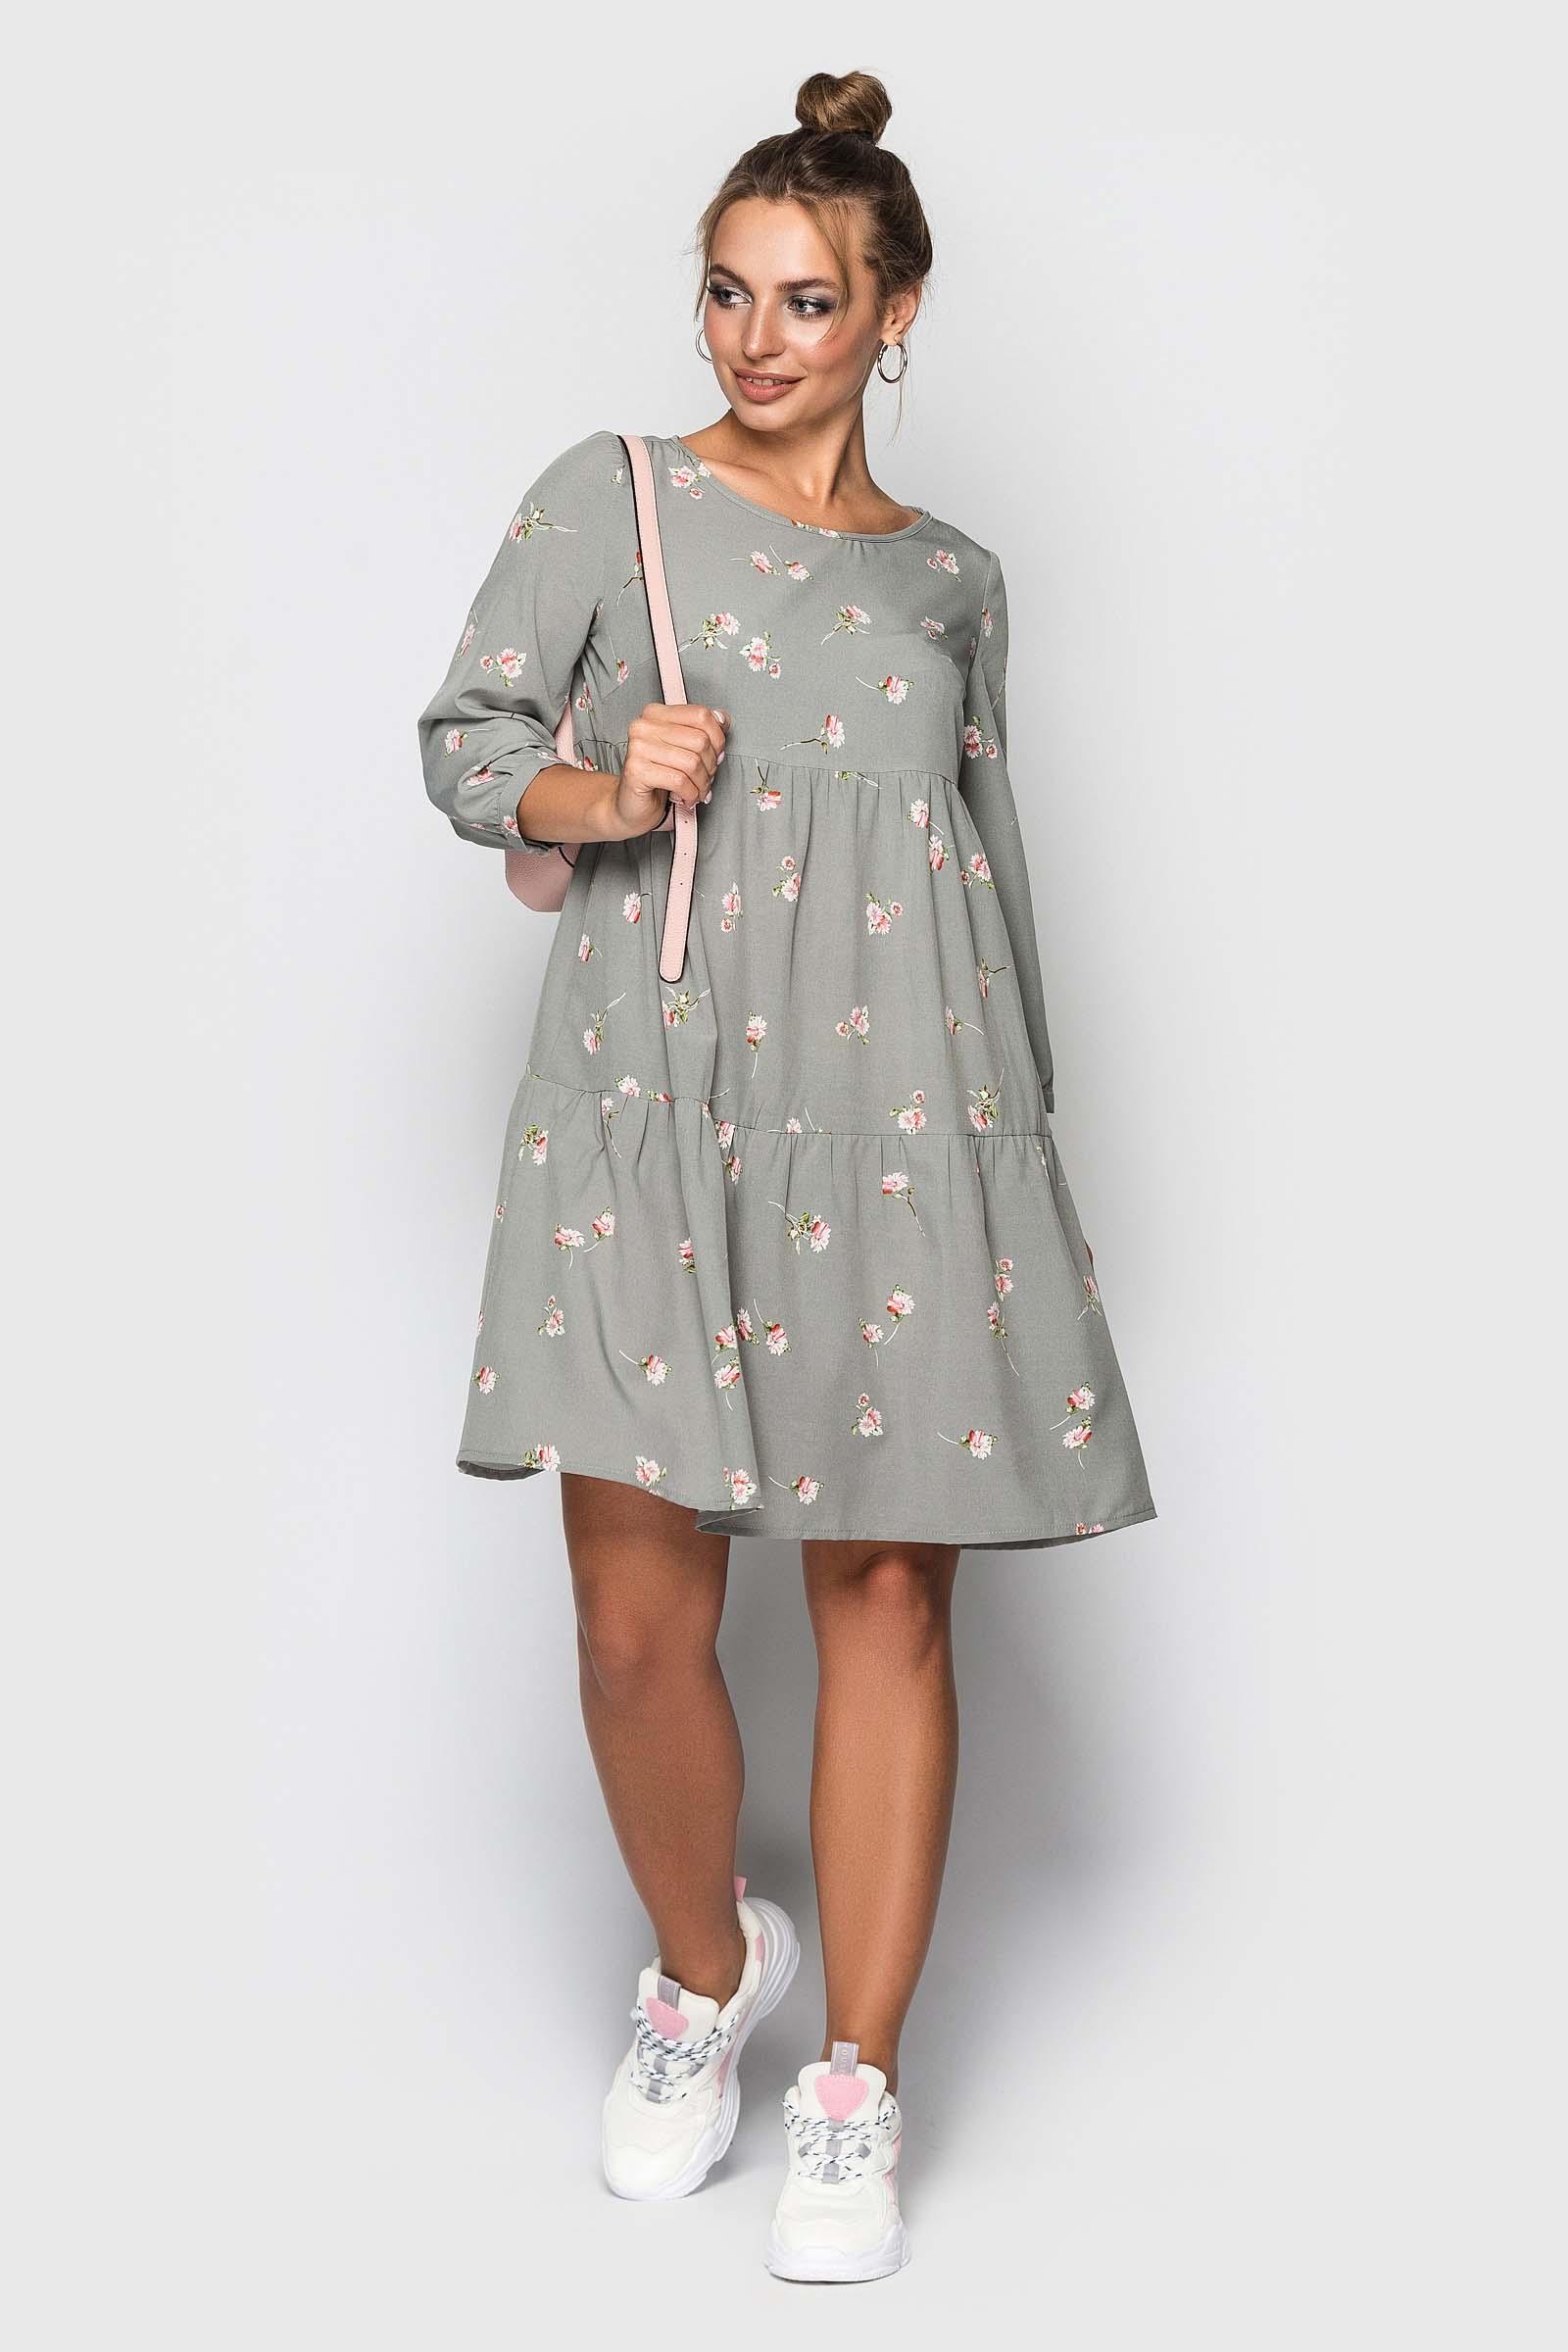 2020 01 23 337415 Купить платье